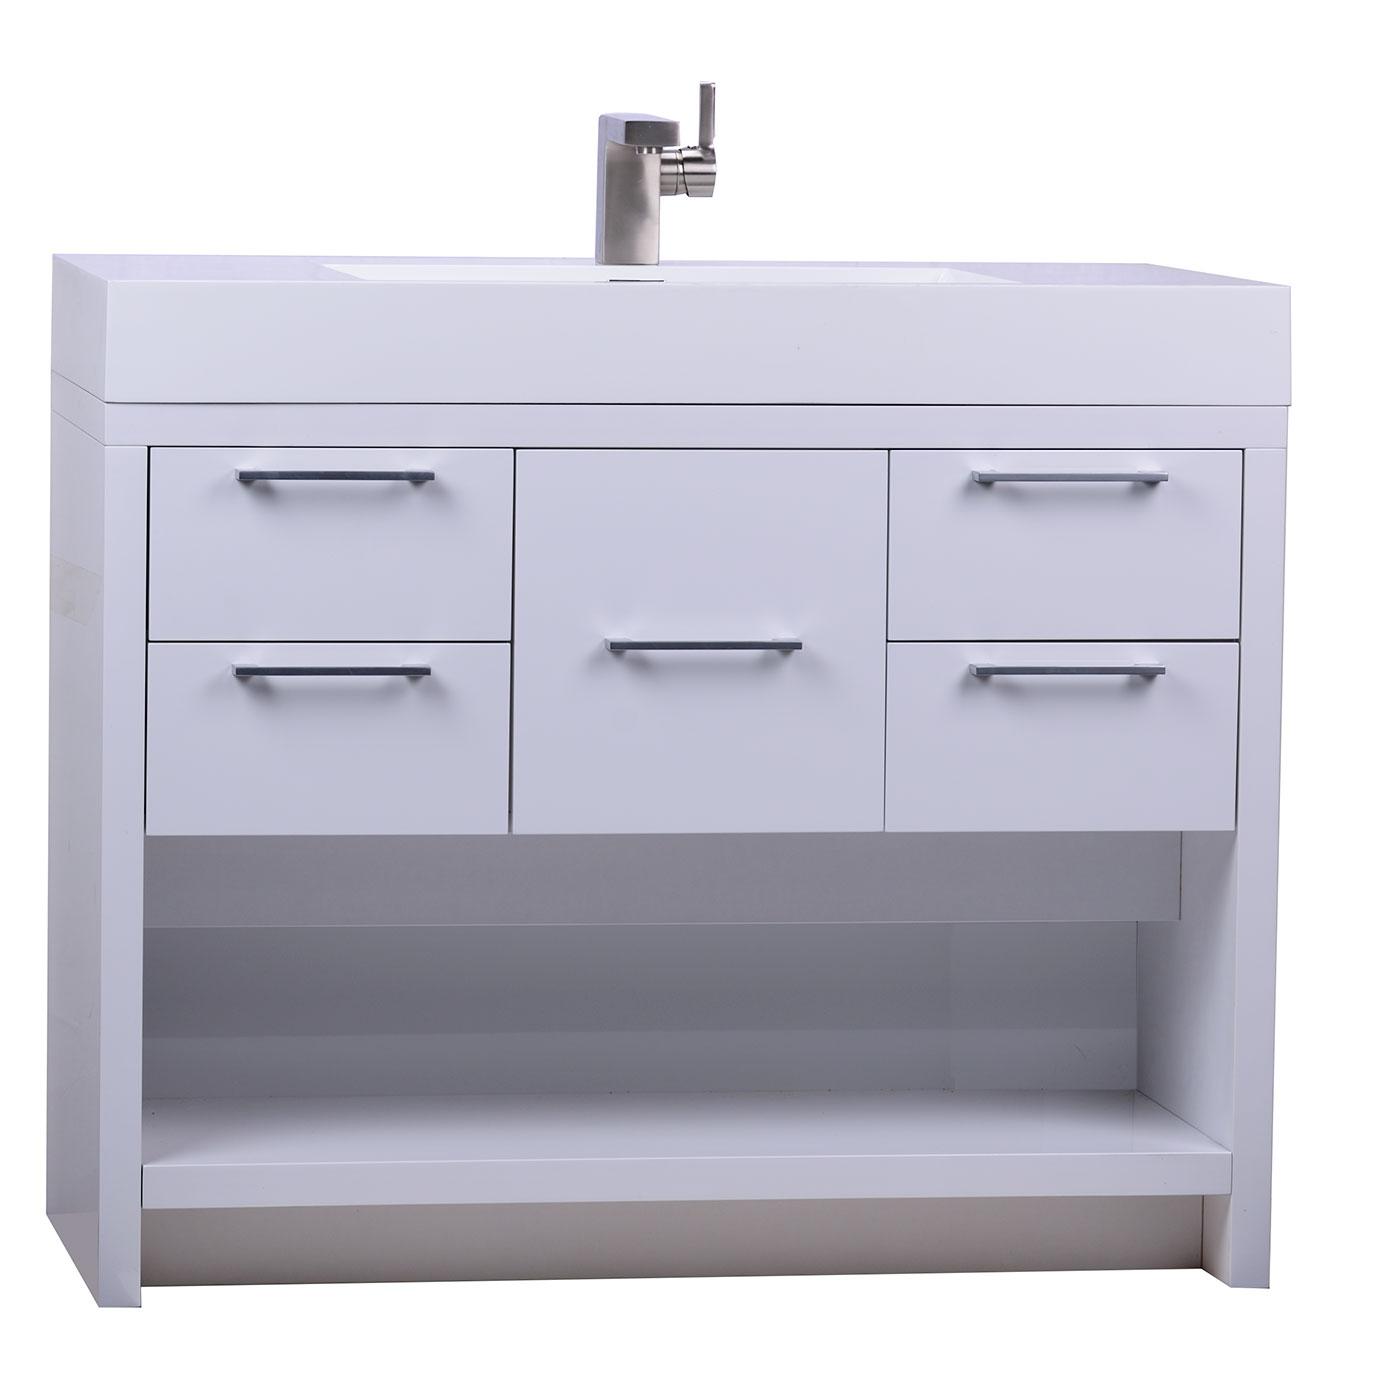 gloss finish lodi tn vanity inch high standing vanities modern free hgw whtie white bathroom